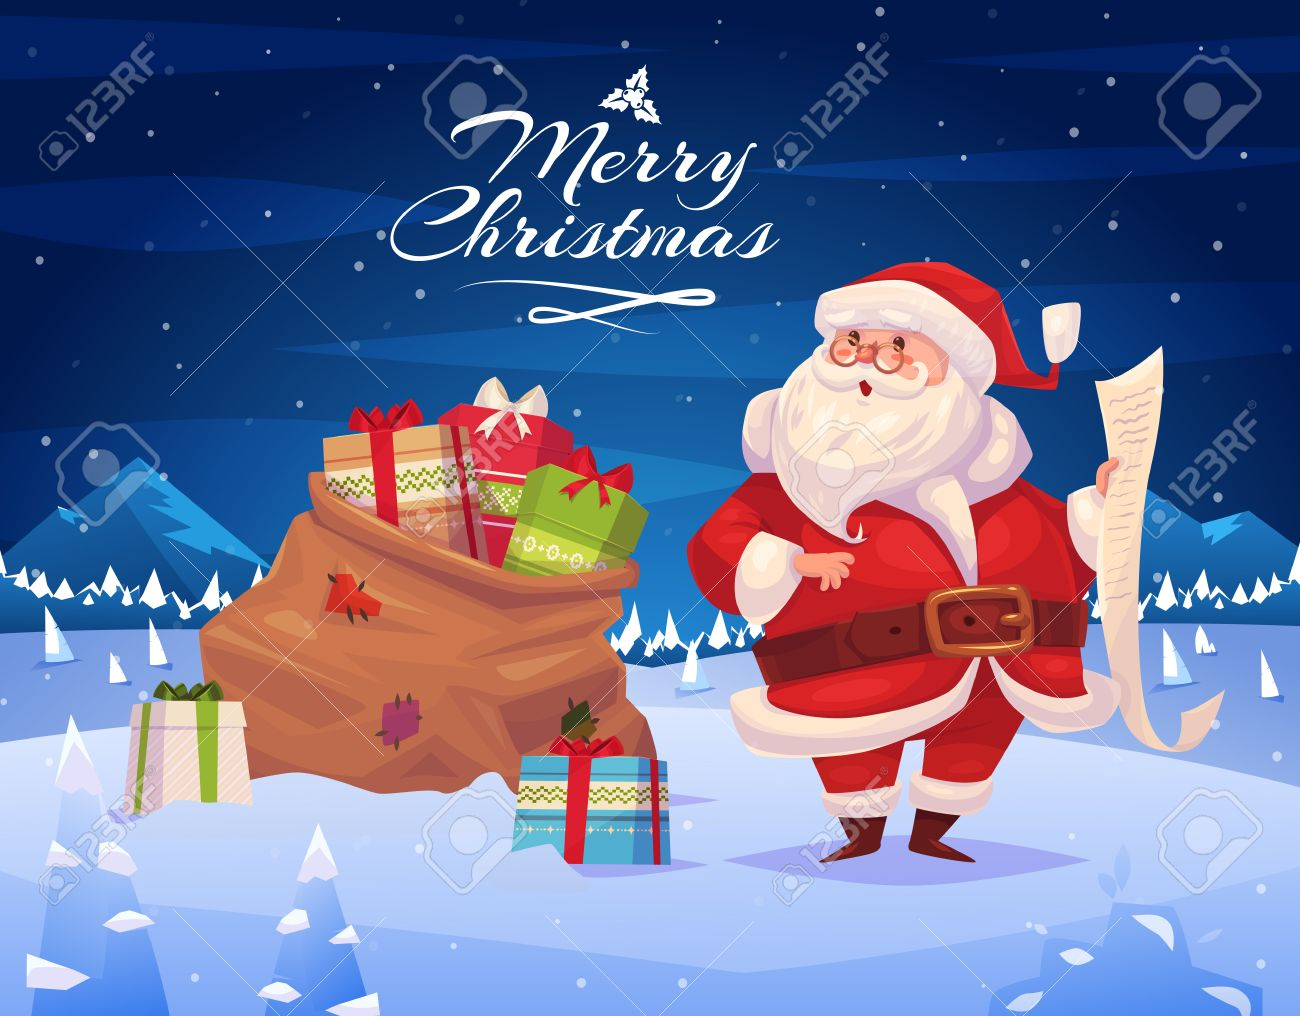 Lustige Weihnachten Bilder.Stock Photo